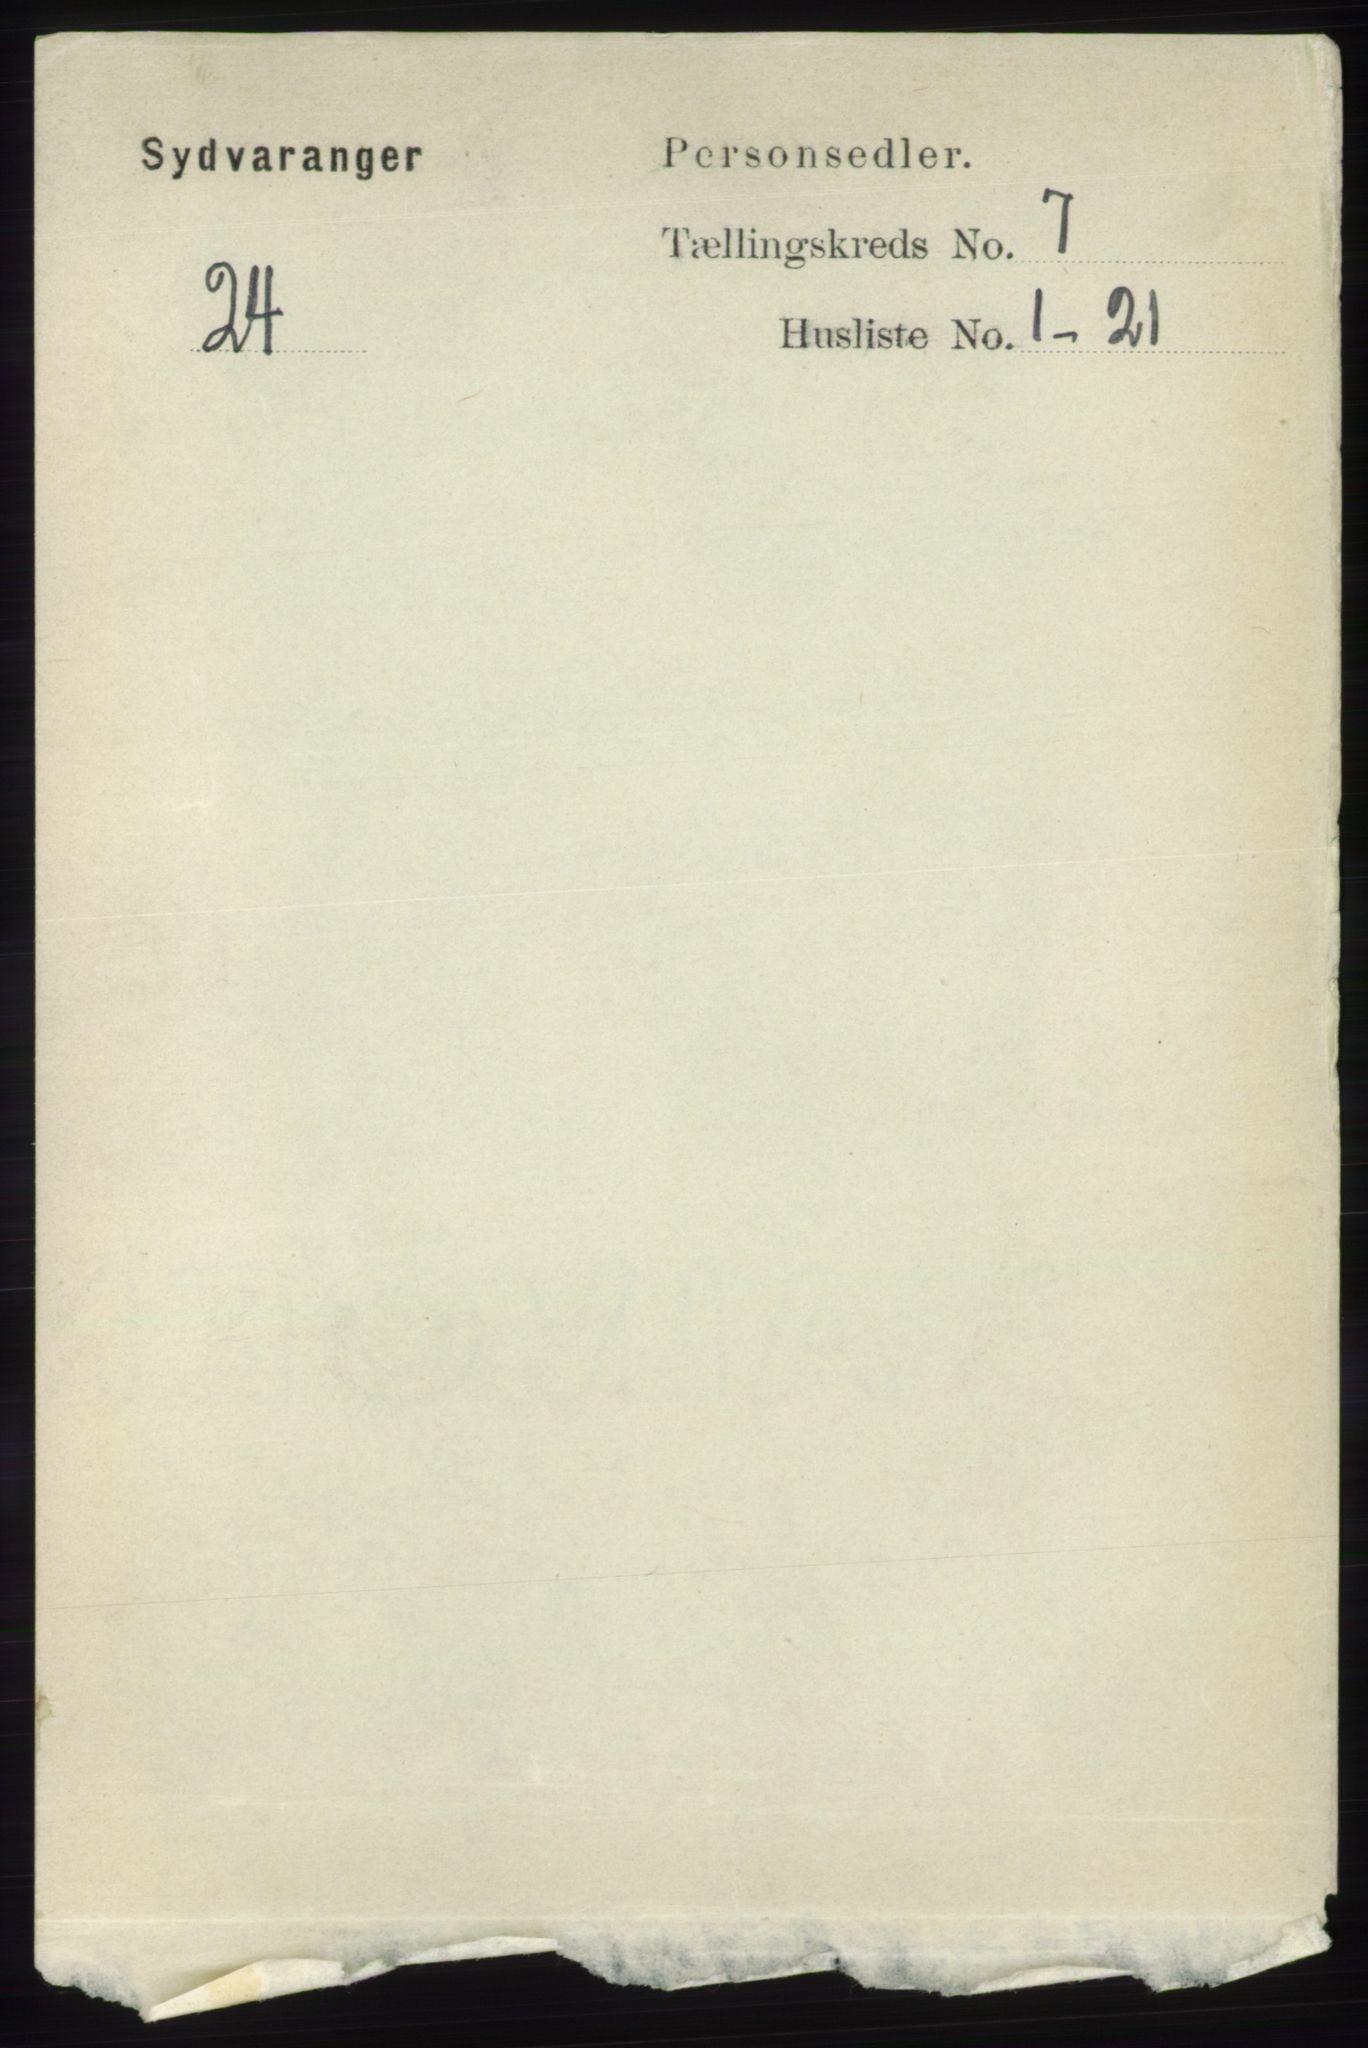 RA, Folketelling 1891 for 2030 Sør-Varanger herred, 1891, s. 2249